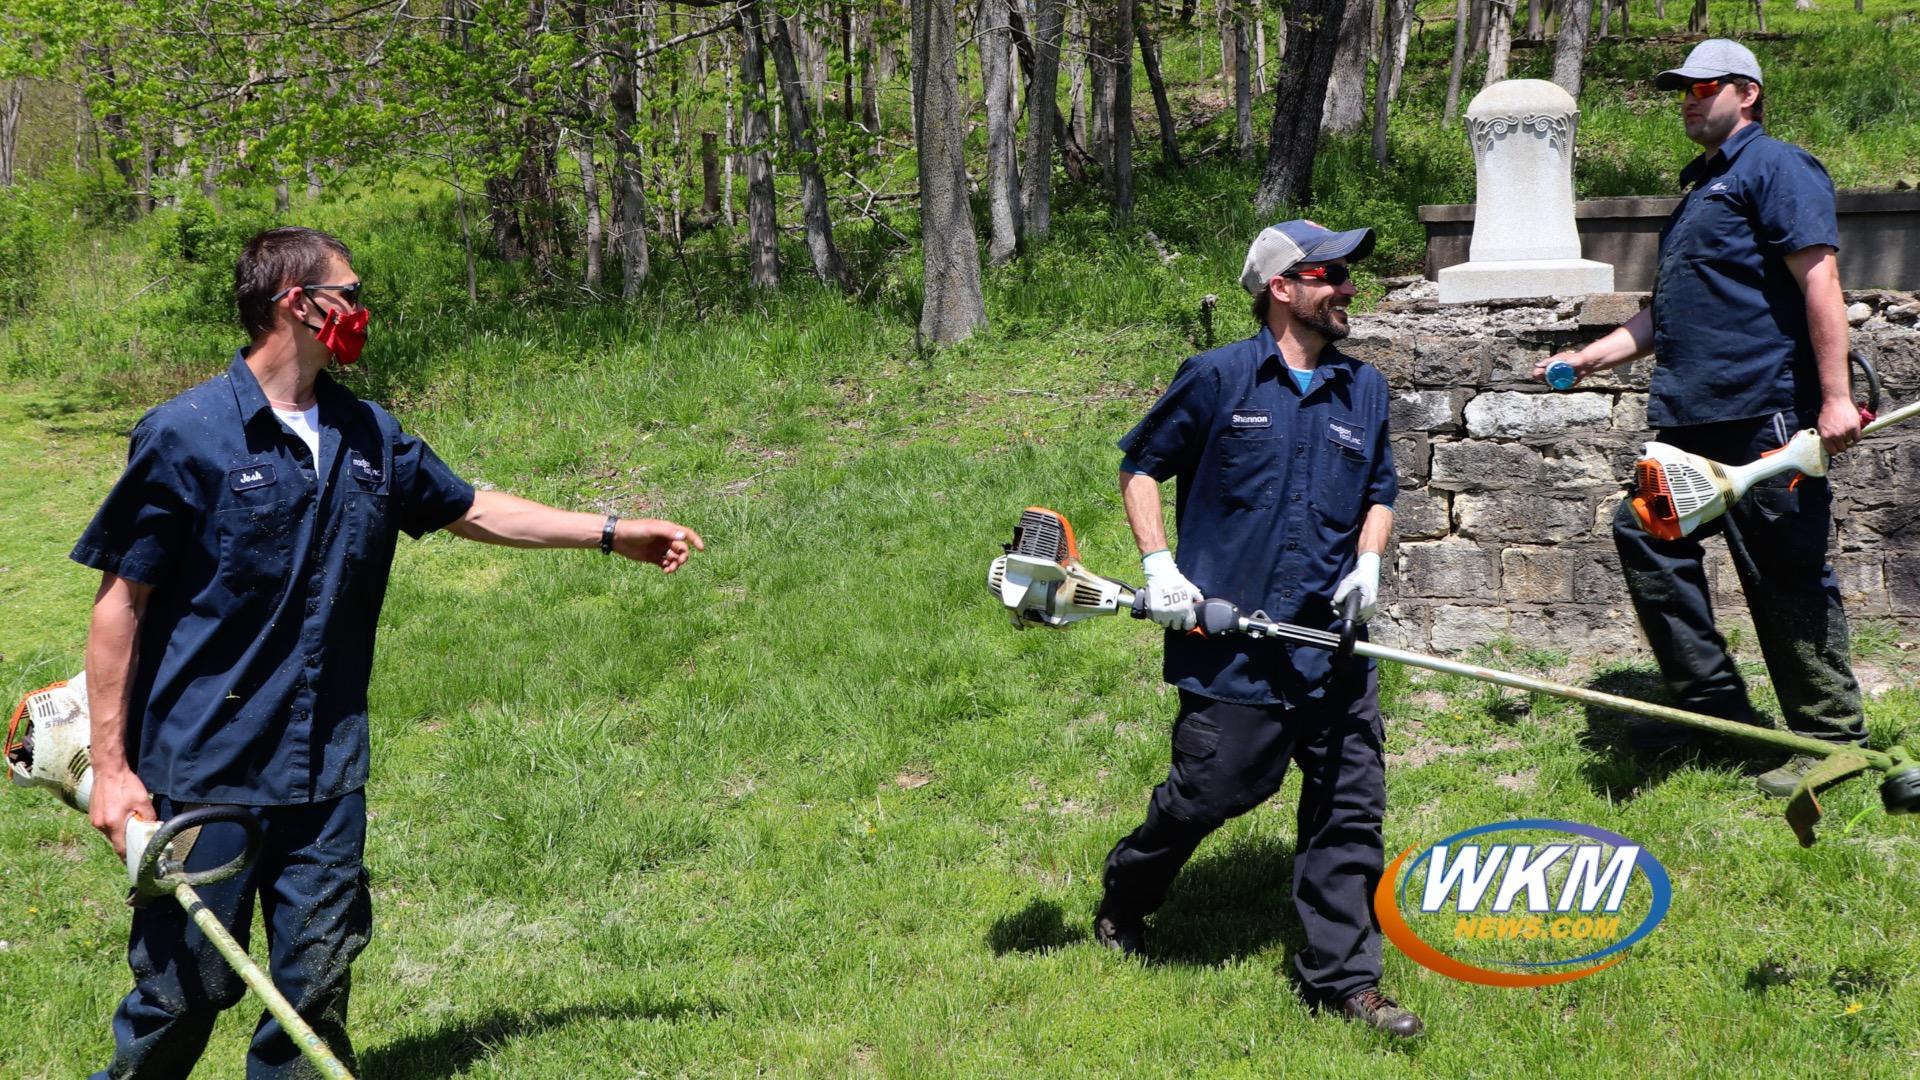 Madison Tool Workforce Helps Madison Amid COVID-19